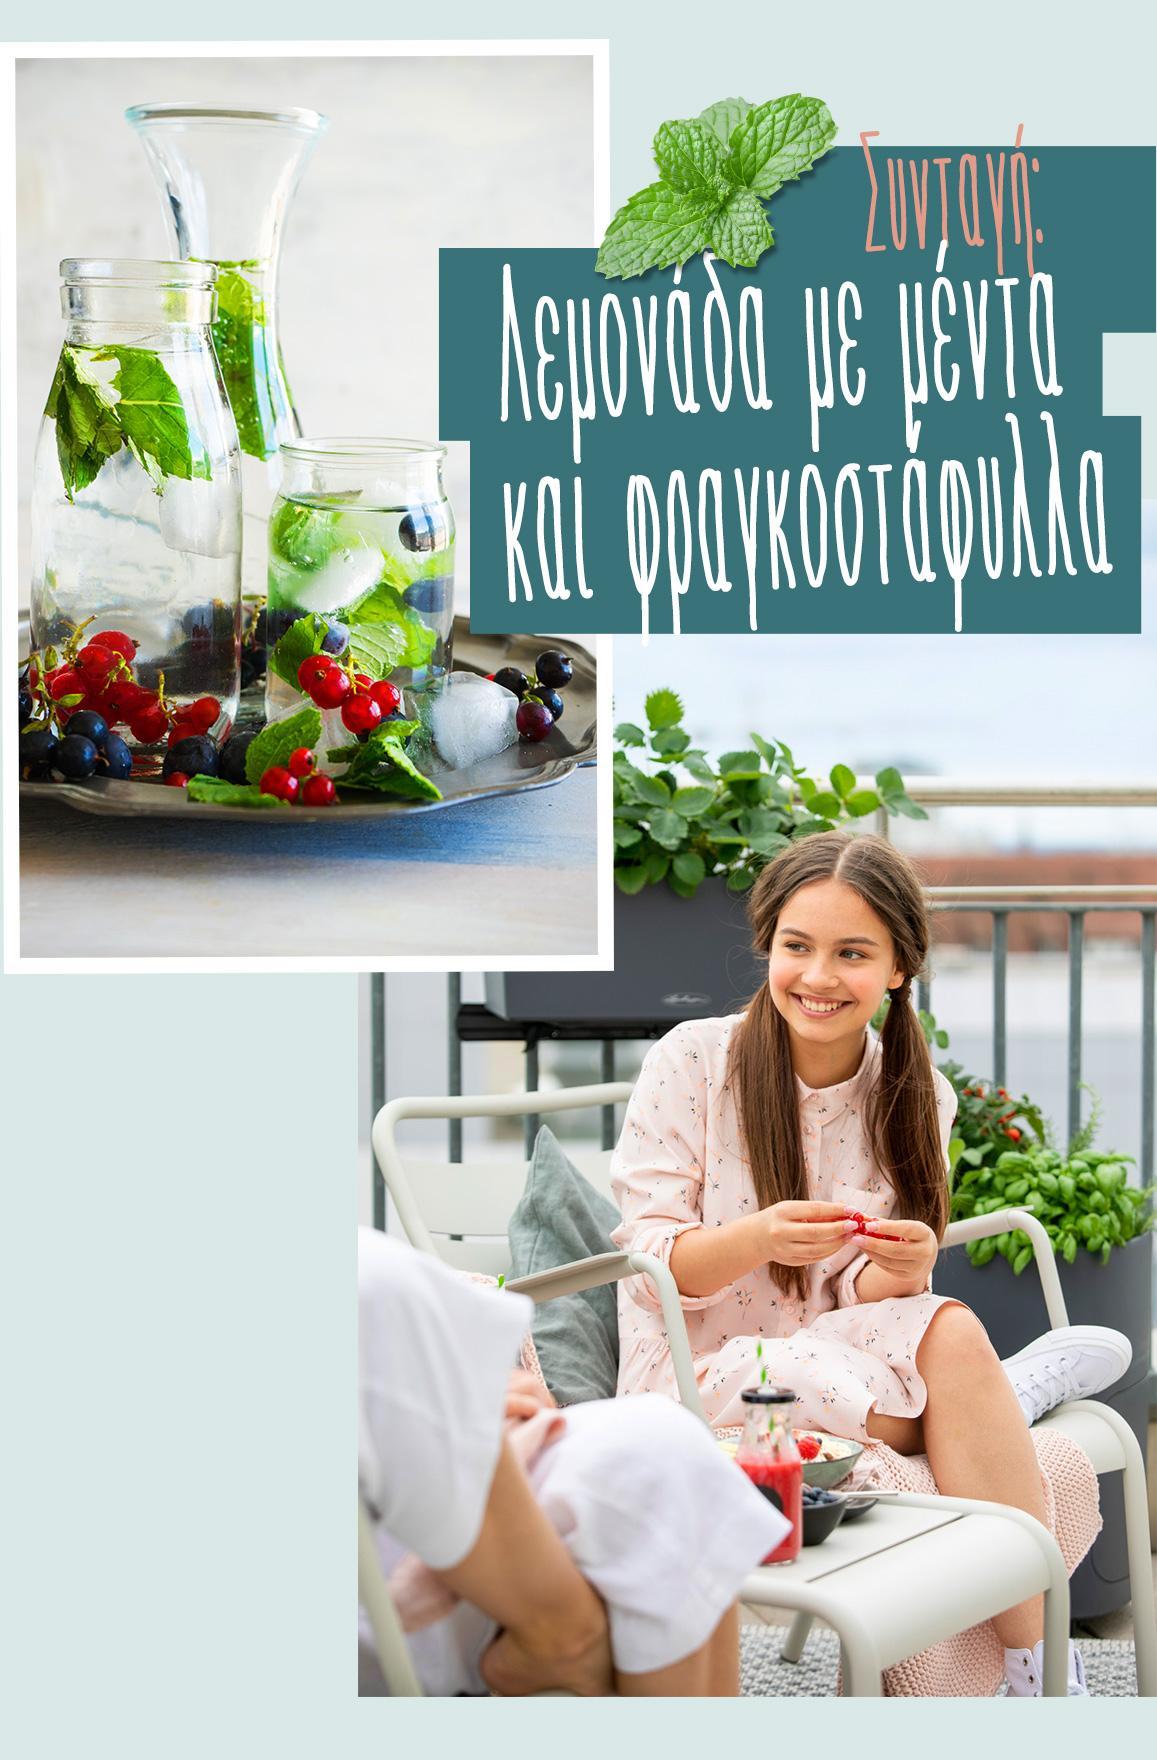 Το κορίτσι πίνει μια νόστιμη σπιτική λεμονάδα